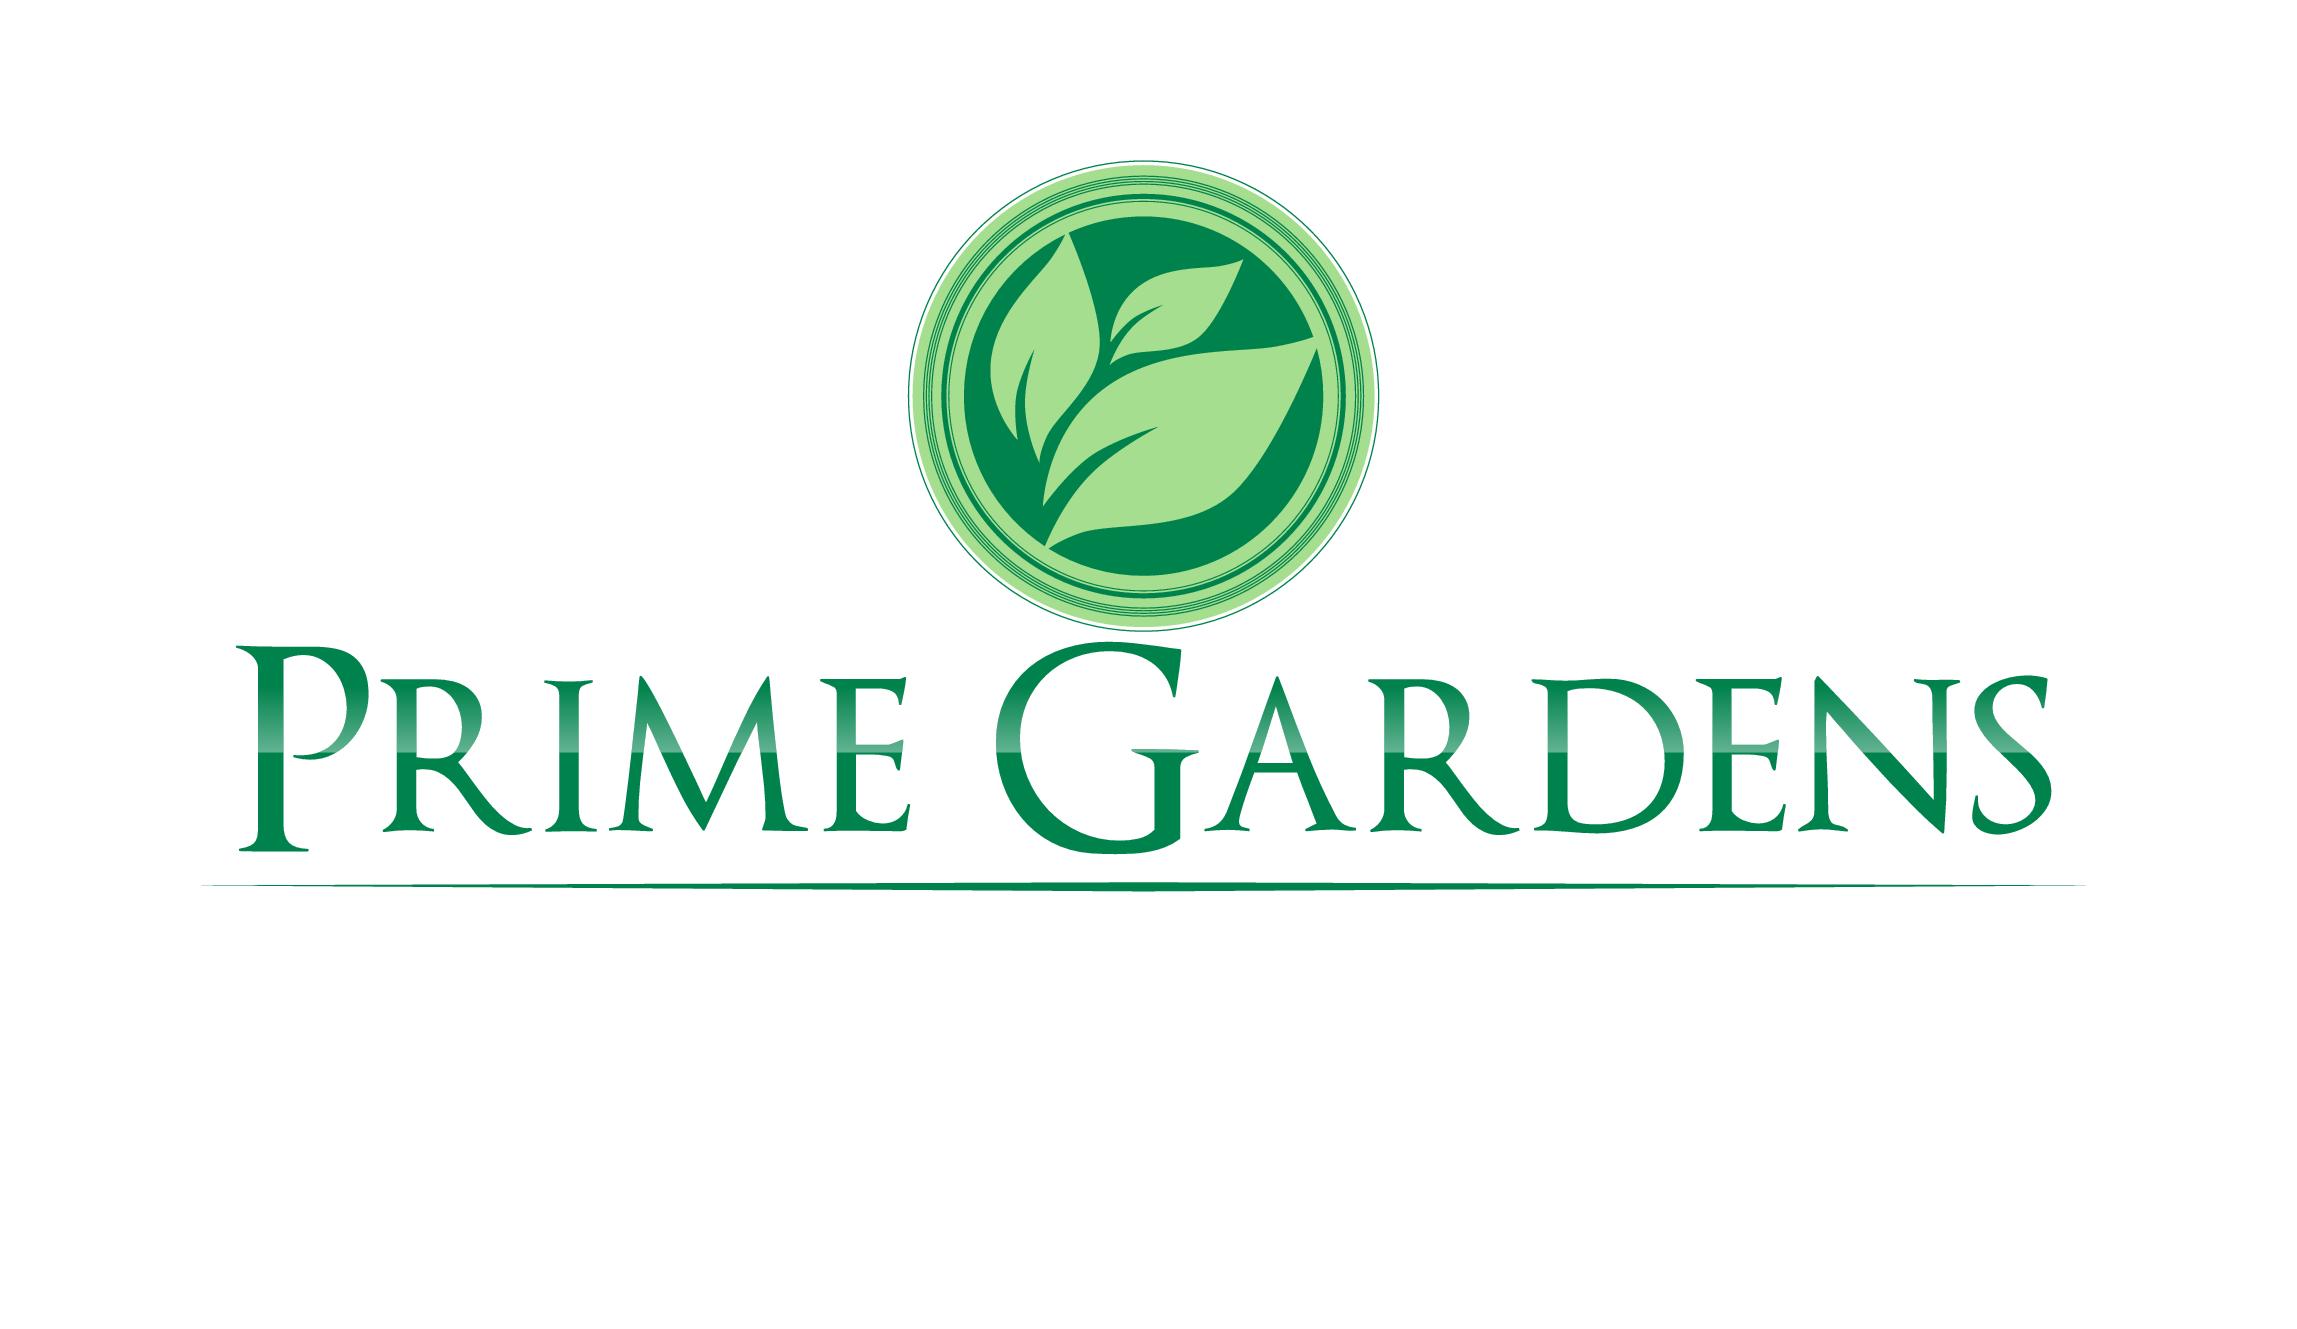 Prime Gardens